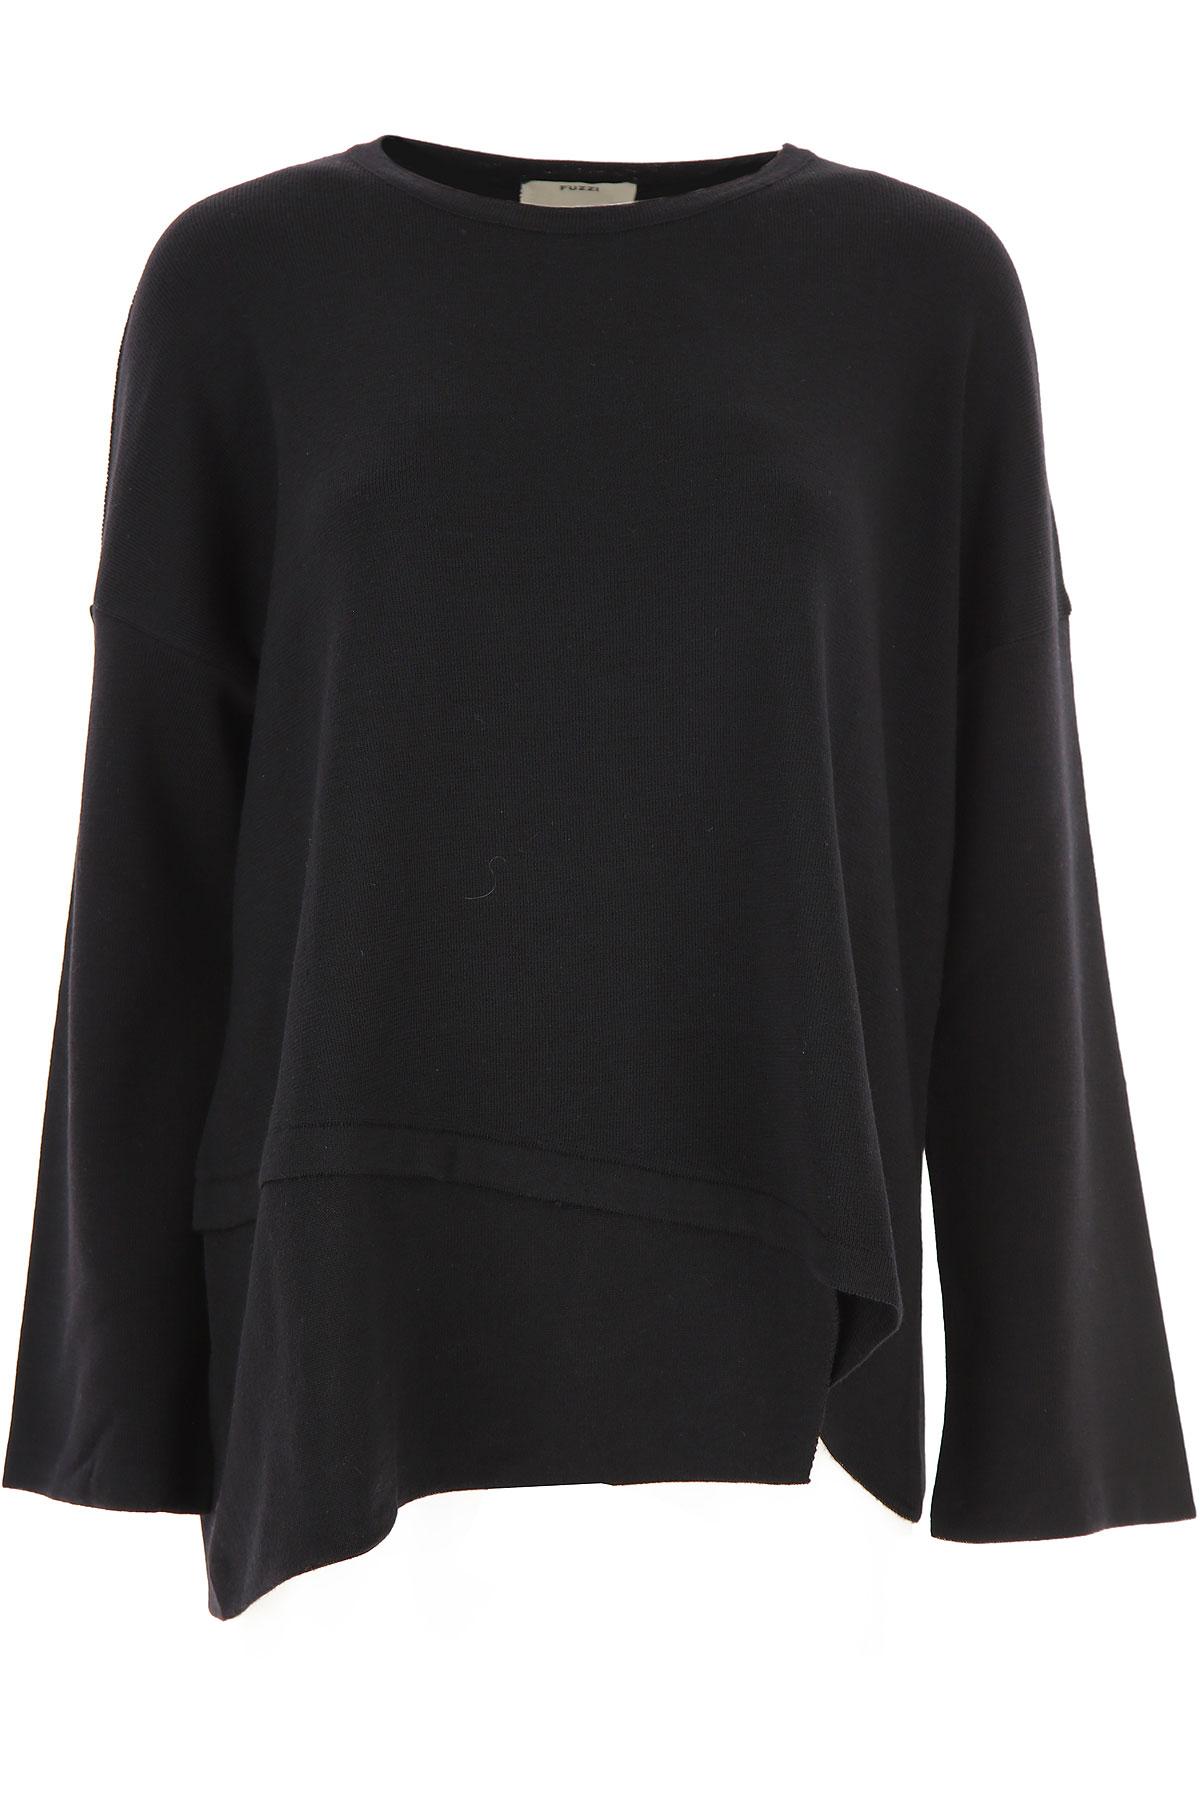 Fuzzi Sweatshirt for Women Pas cher en Soldes, Noir, Laine vierge, 2019, 40 M